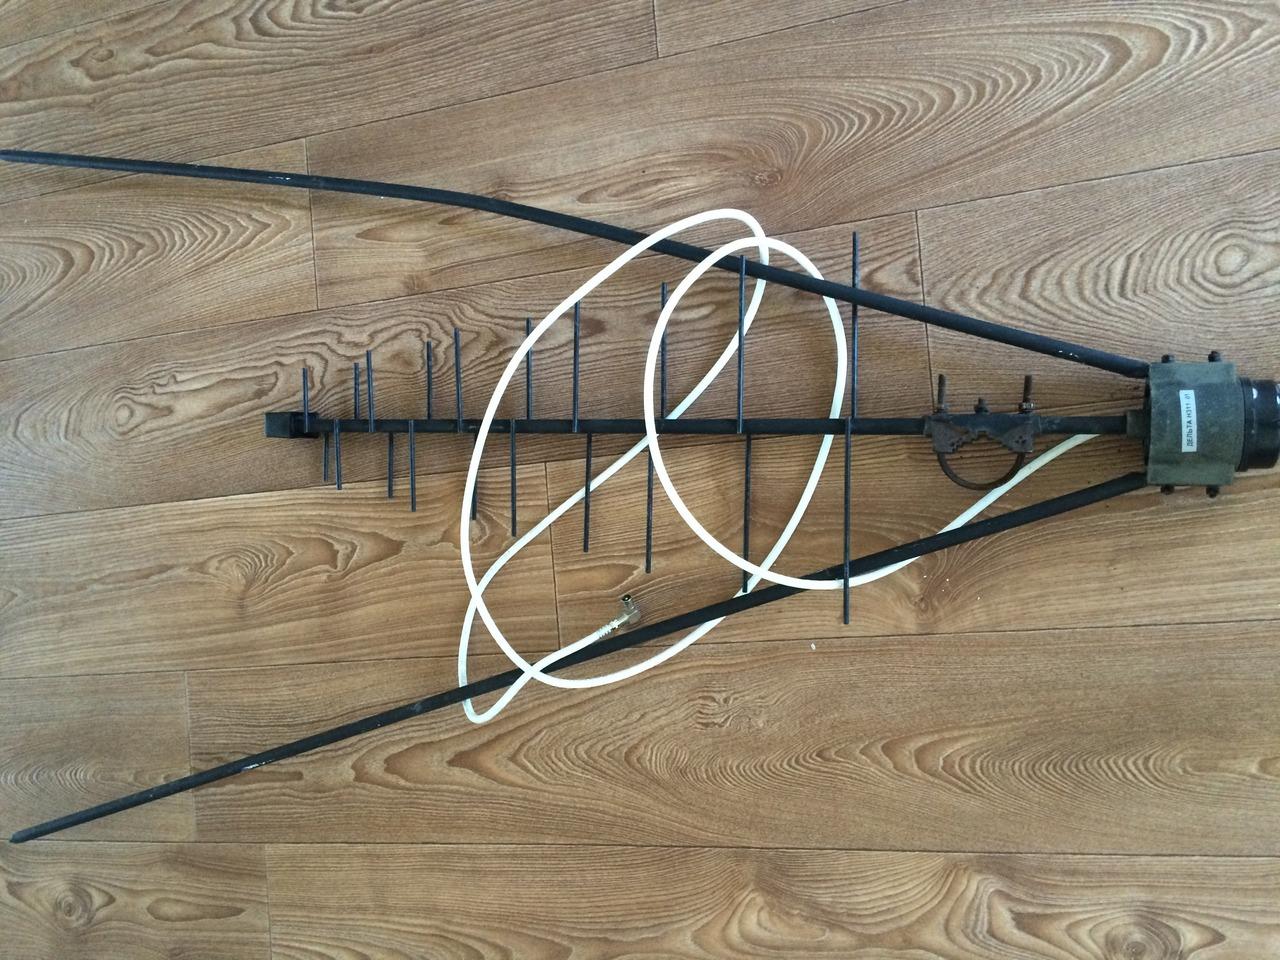 Ремонт антенны дельта